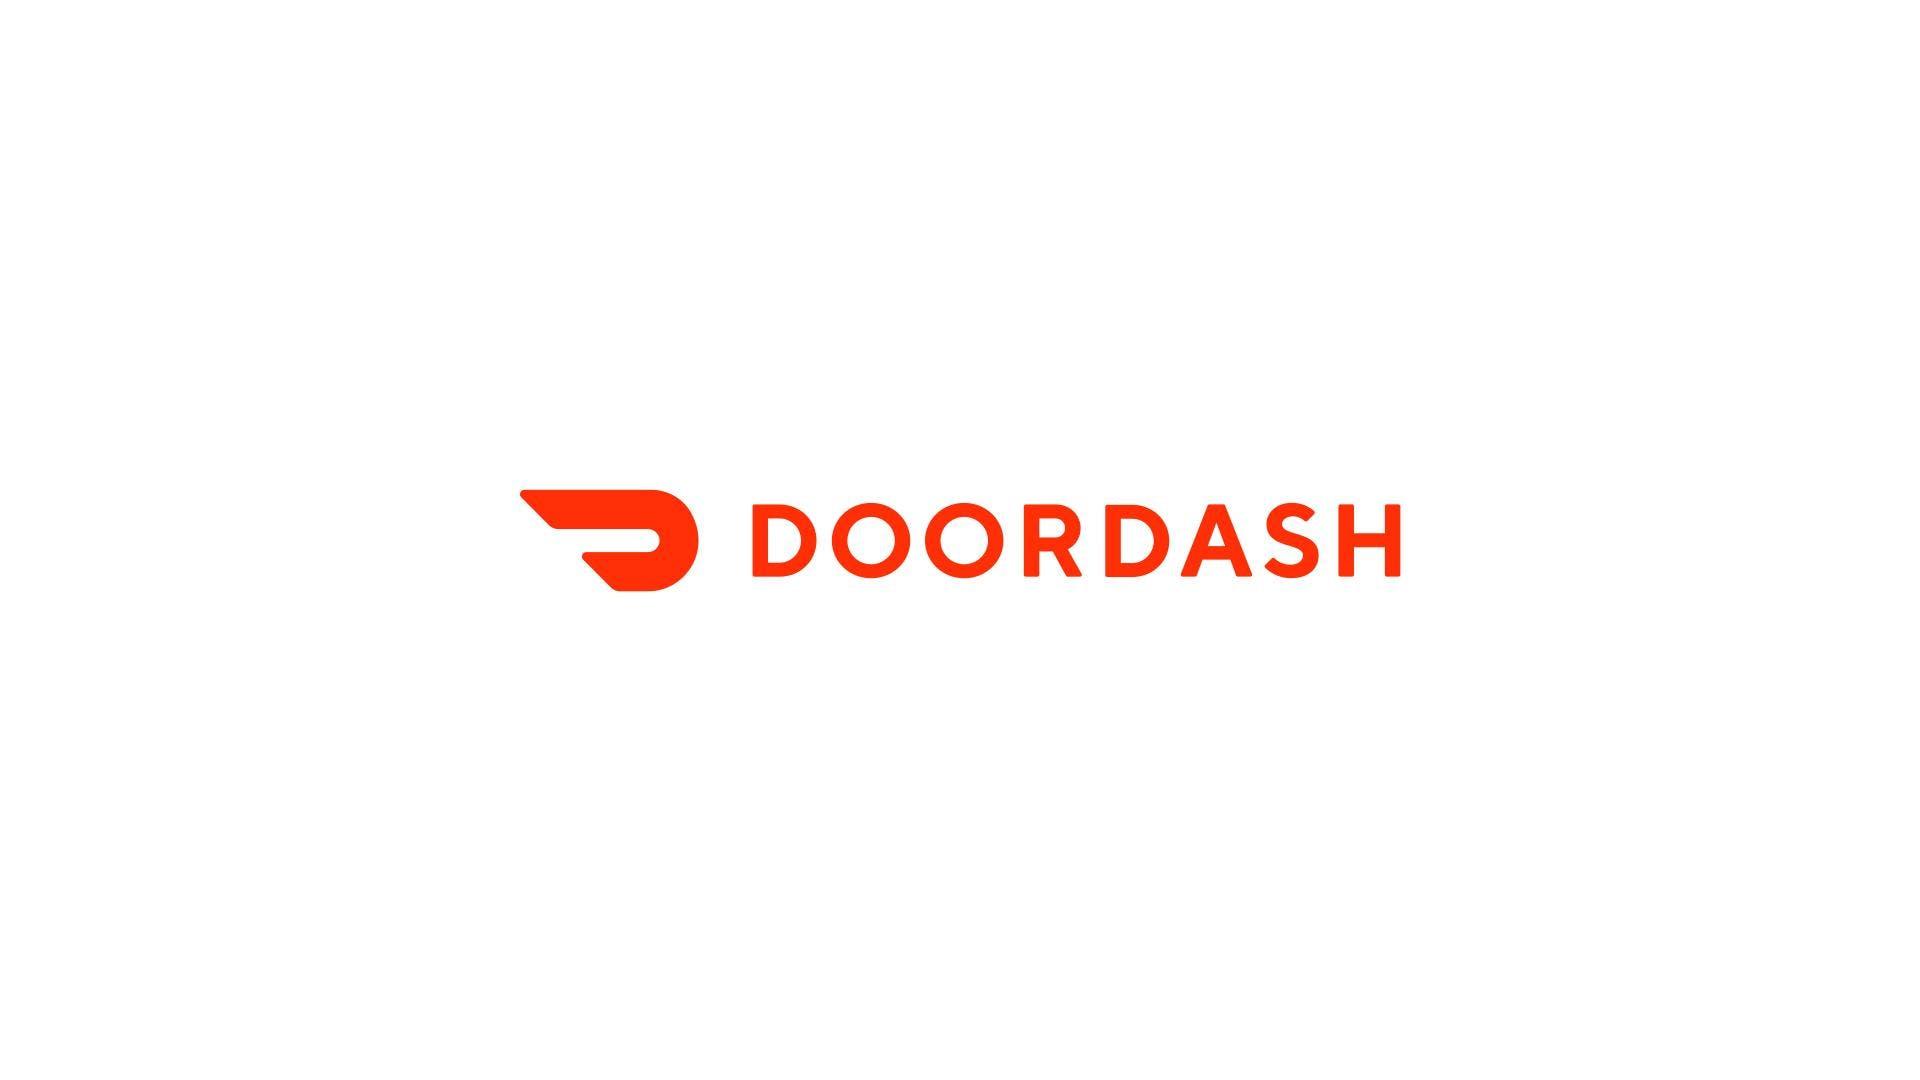 Sales Recruiting Mixer - Come Meet DoorDash's Sales Leaders